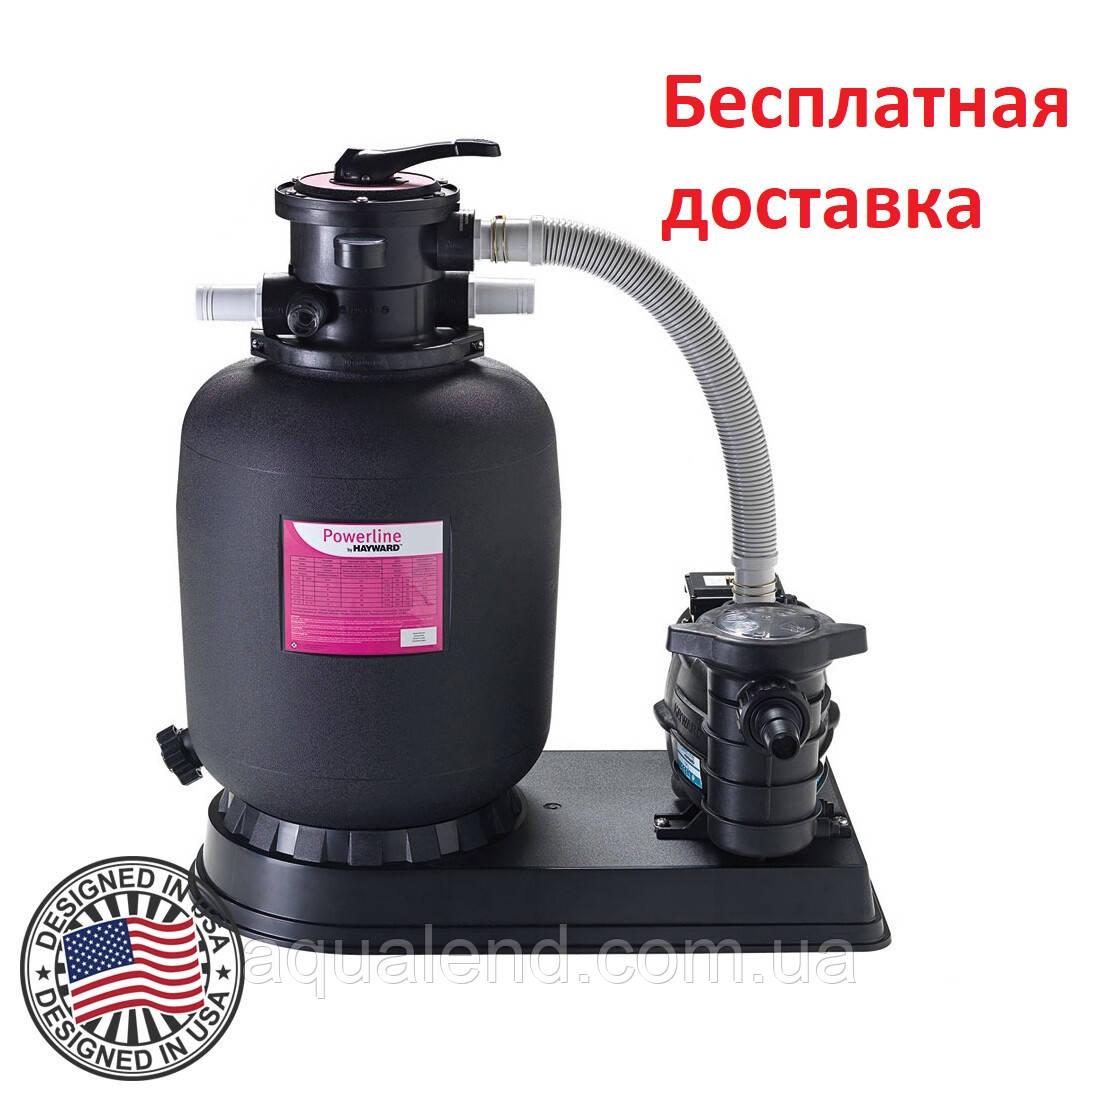 Пісочна фільтраційна установка Hayward PowerLine 81071 (8 м3/год, D511)